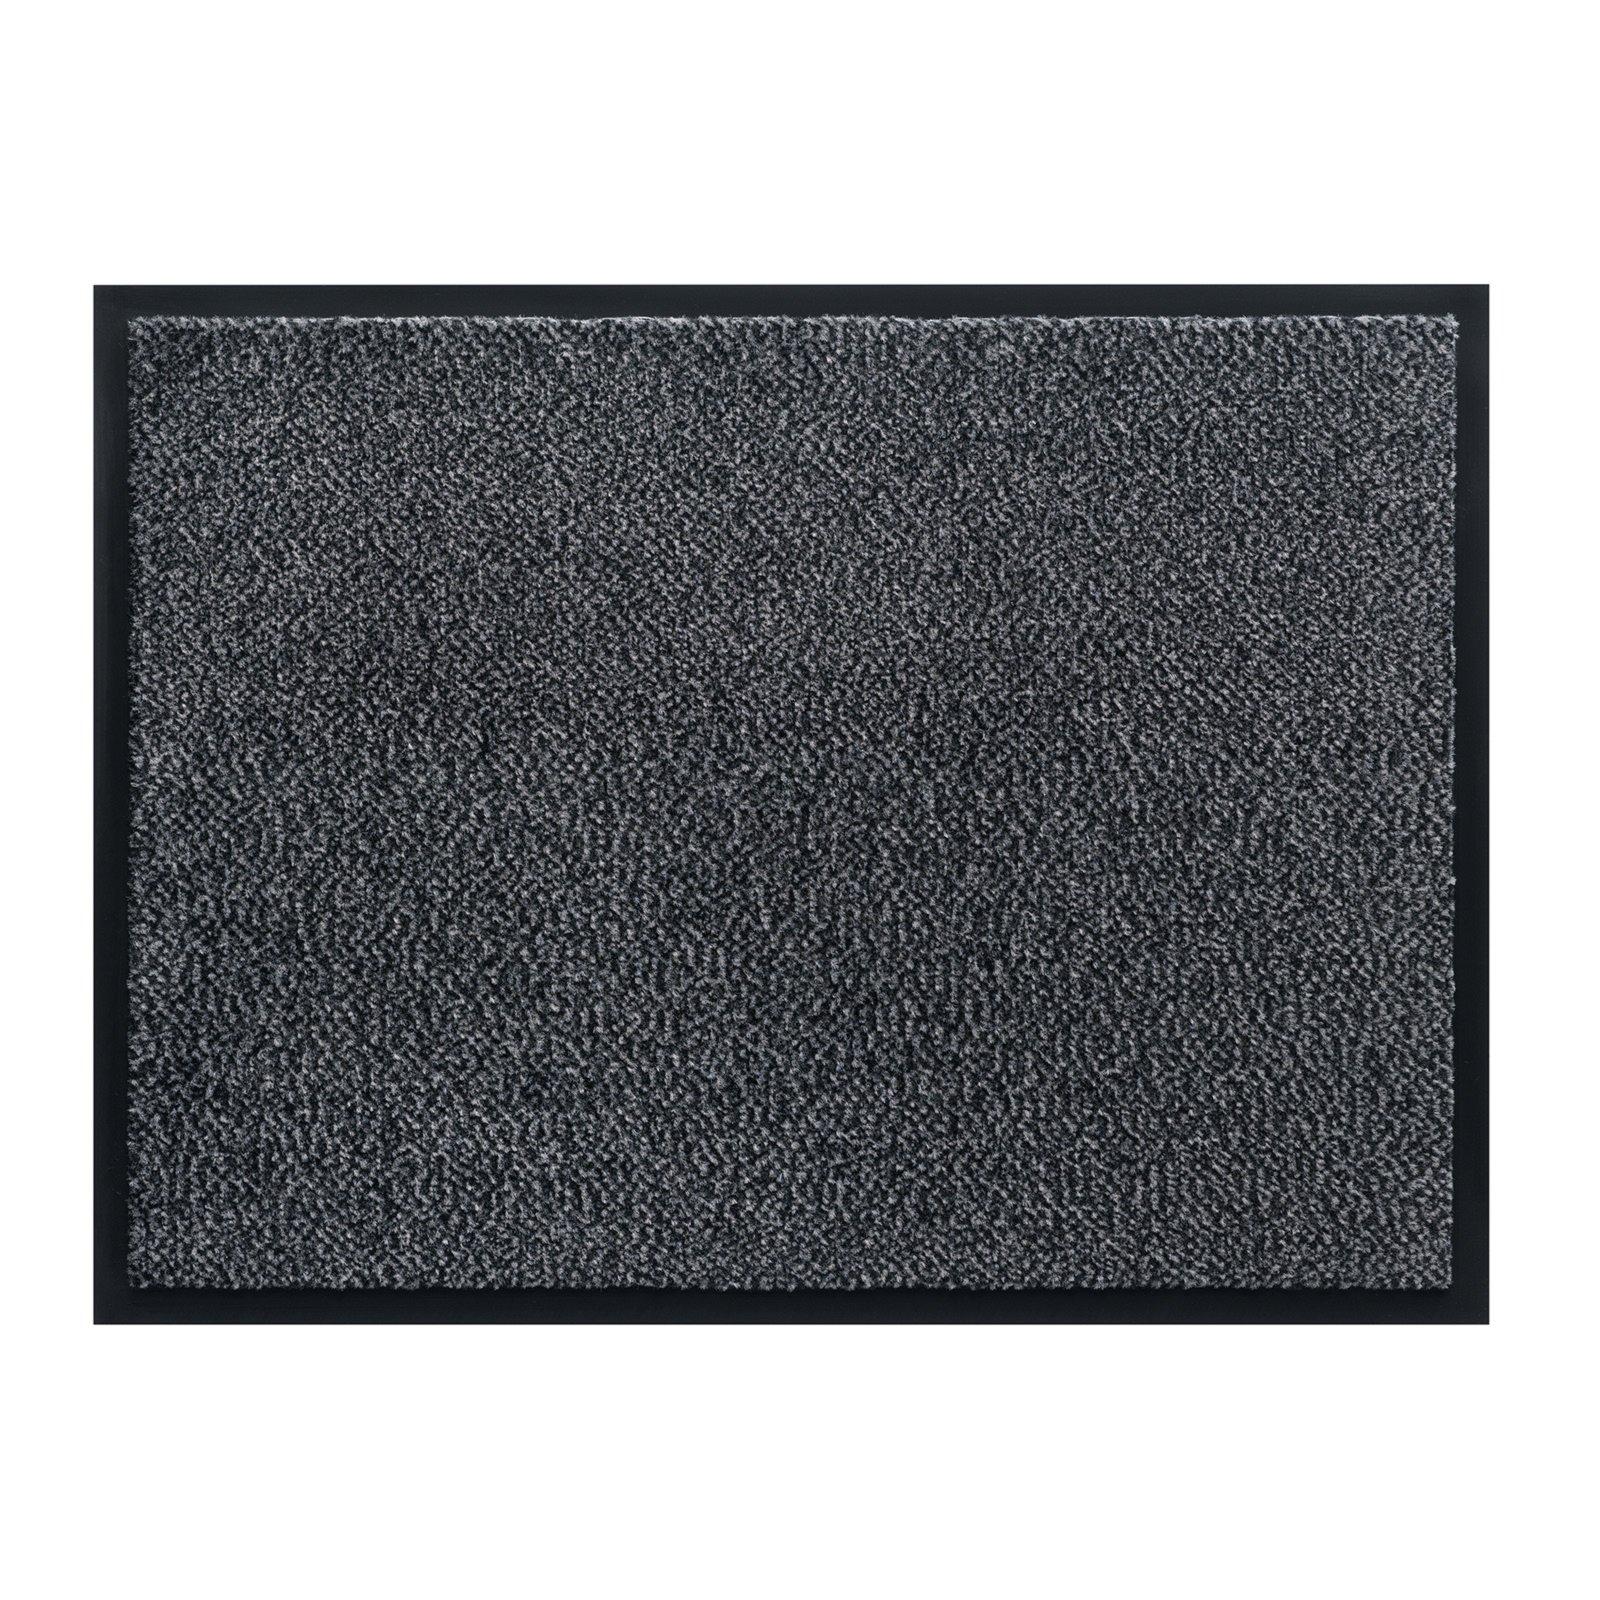 Fußmatte MARS - anthrazit - 60x80 cm